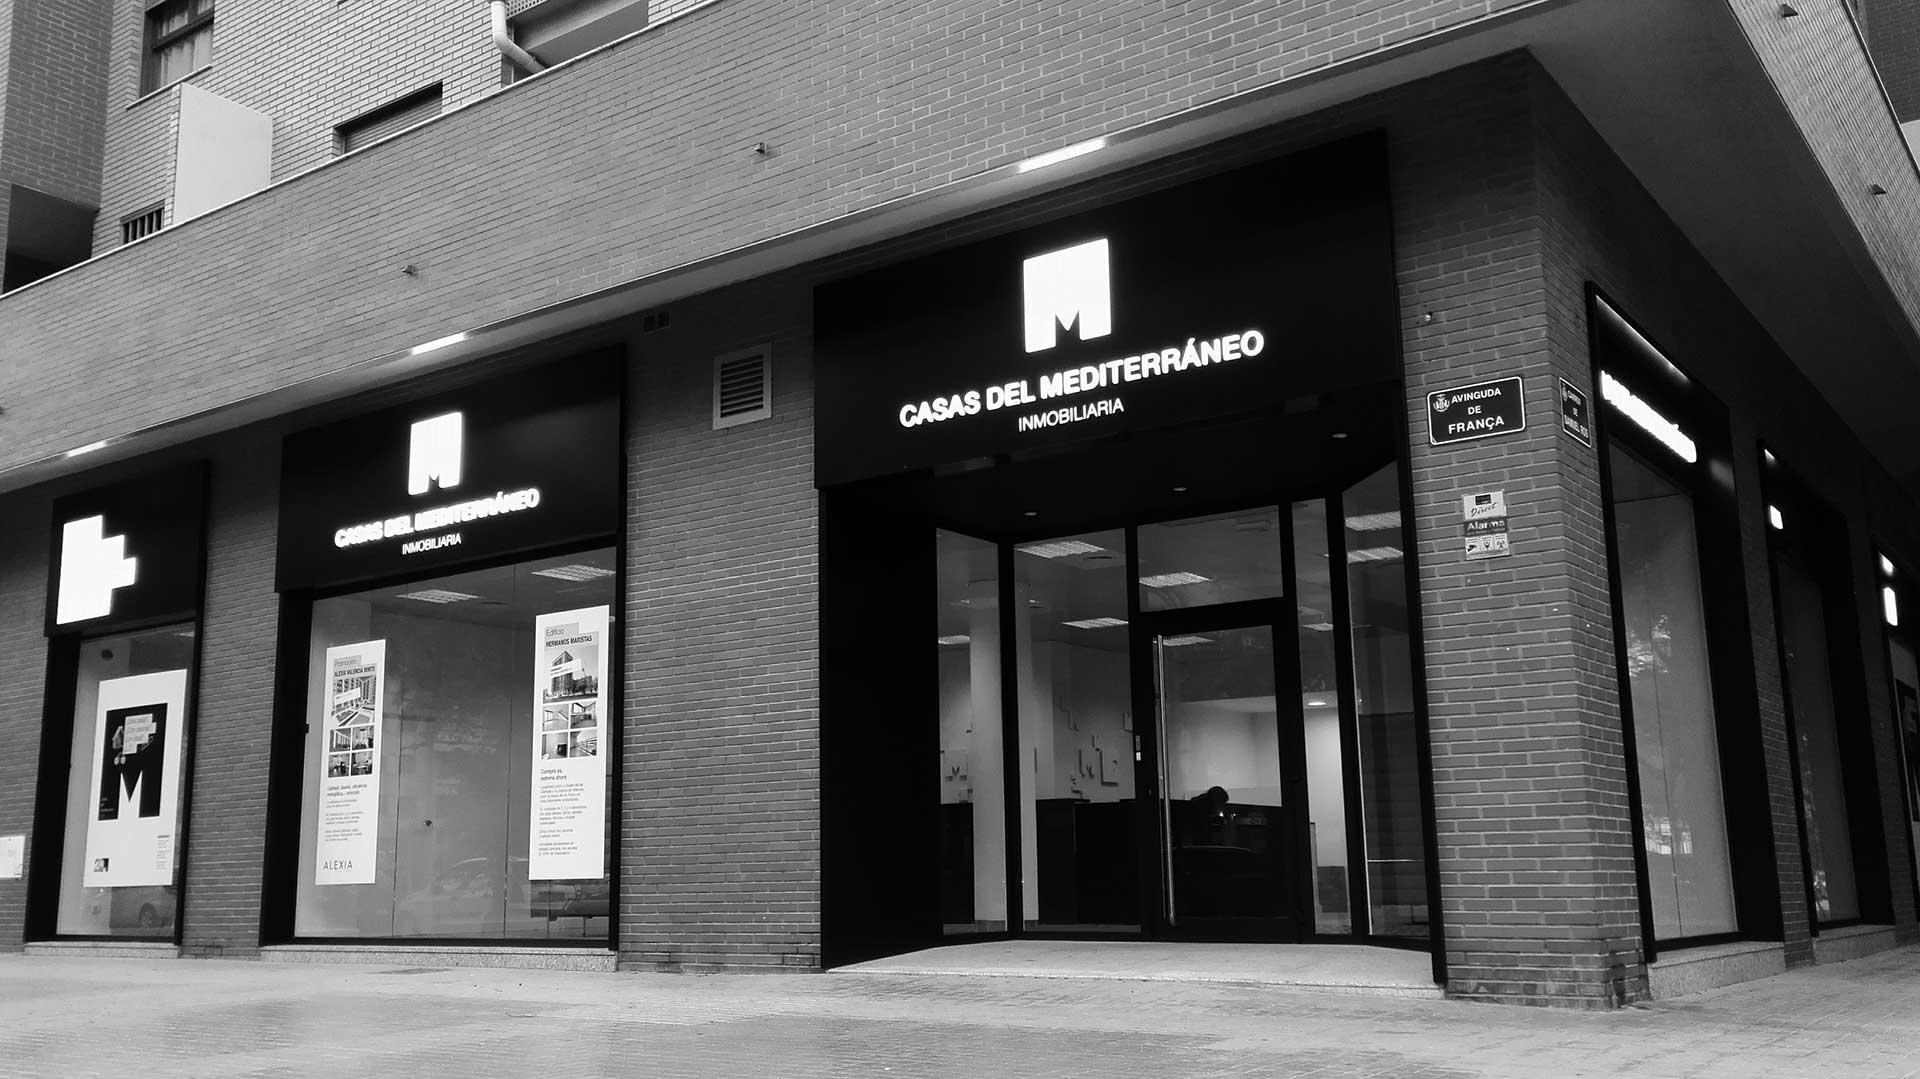 Contacto casas del mediterr neo - Casas del mediterraneo valencia ...